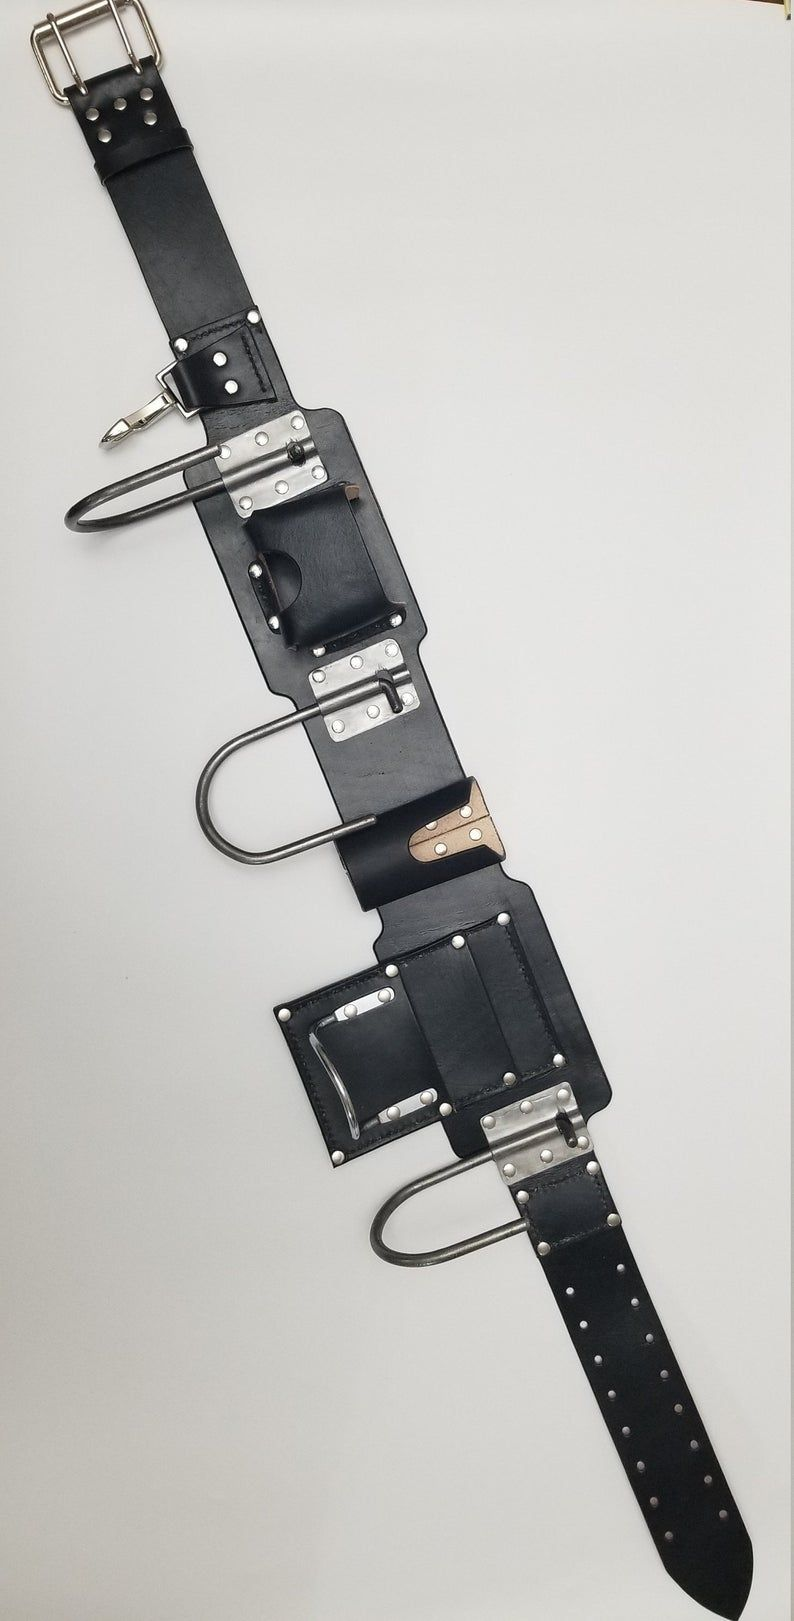 Pin on Belt holster